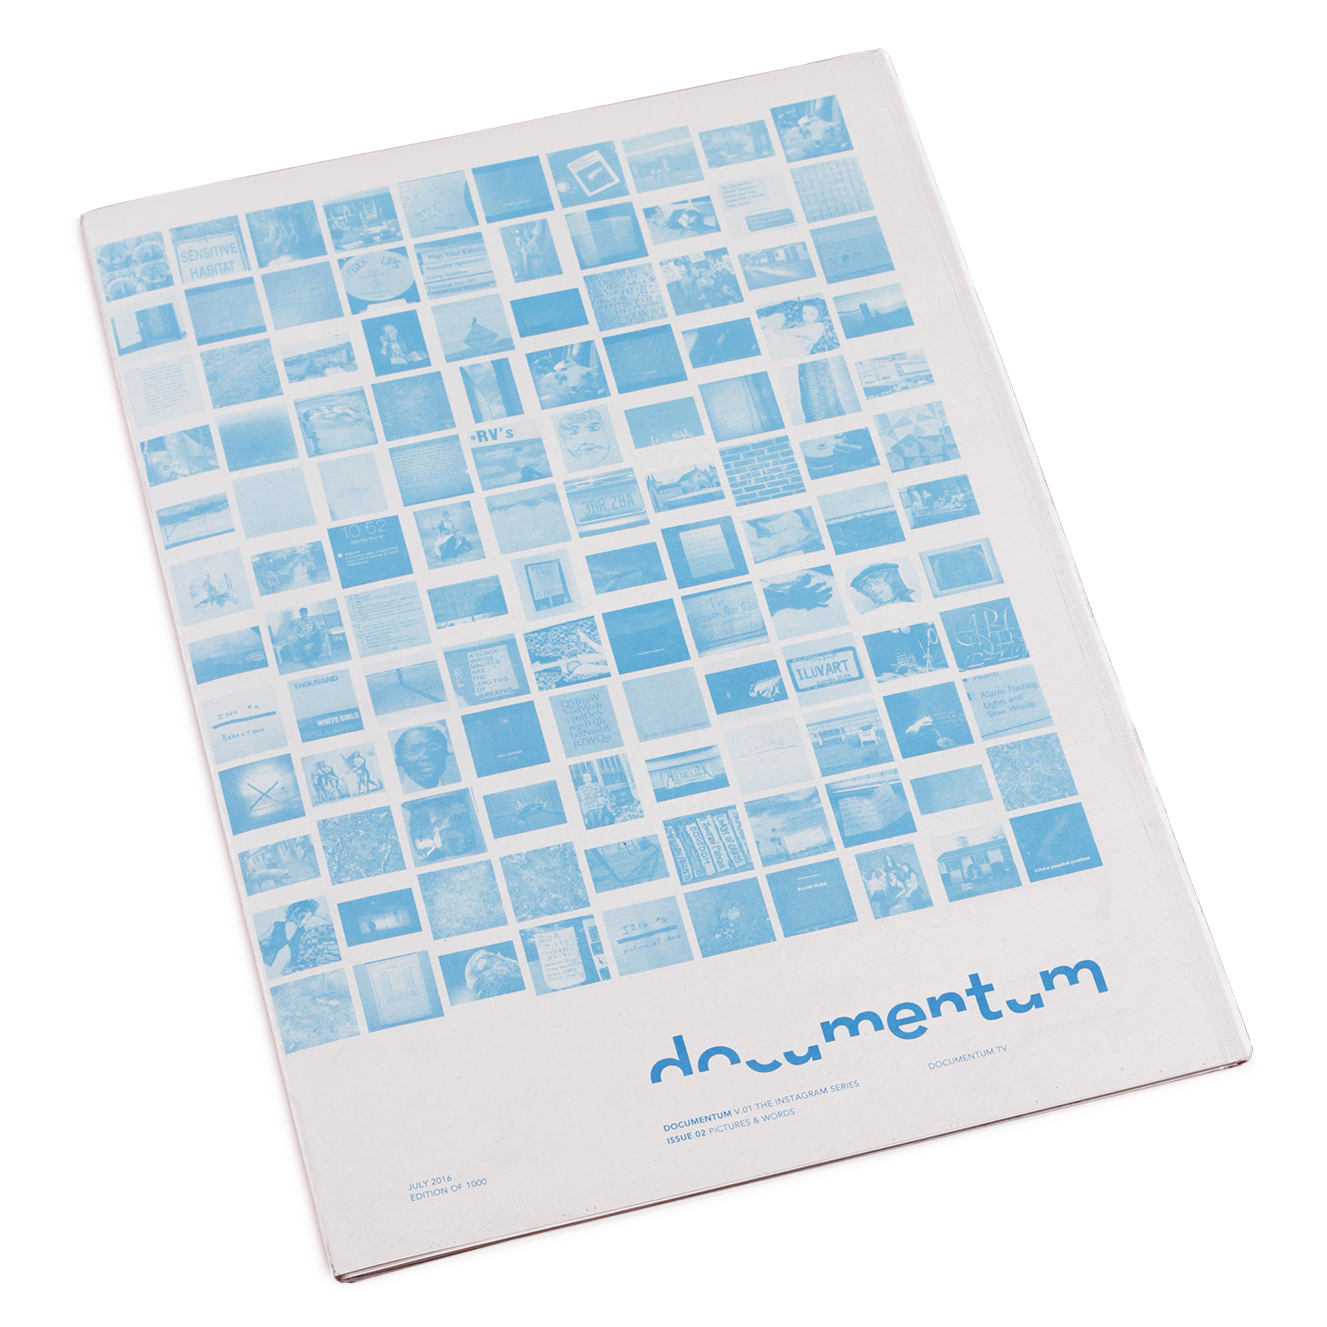 Documentum   Volume 1 Issue 2 $25.00